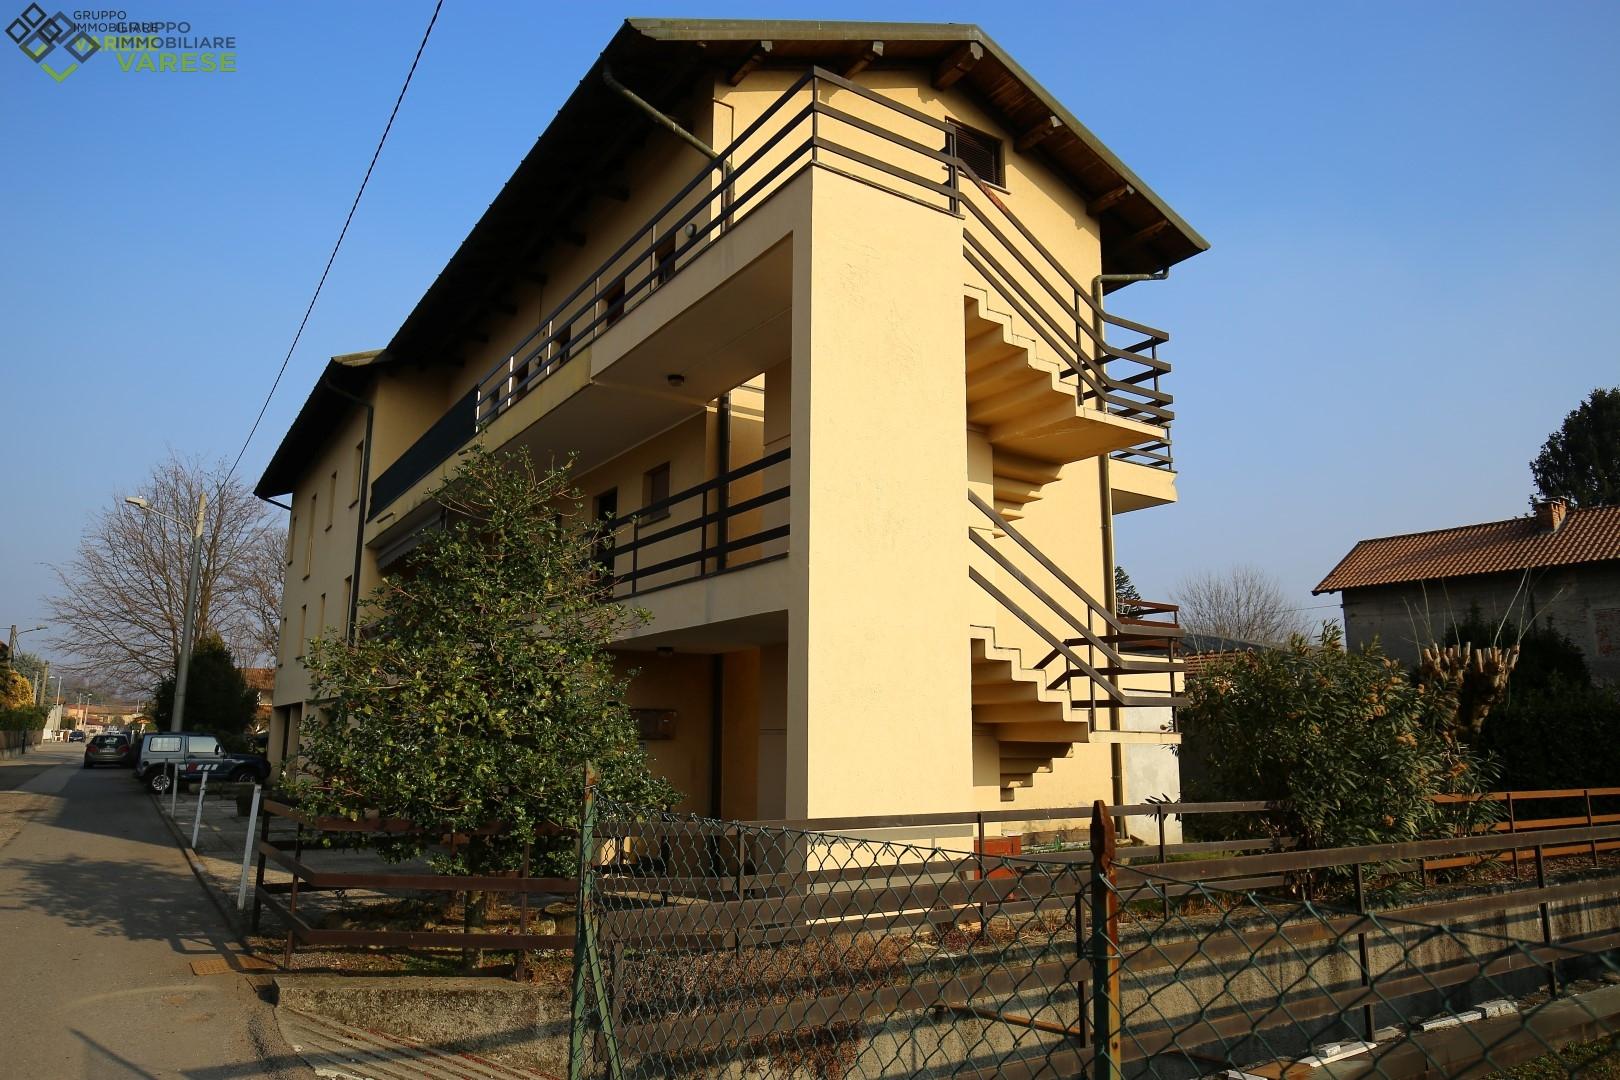 Appartamento in vendita a Angera, 3 locali, zona Zona: Bruschera, prezzo € 117.000 | CambioCasa.it